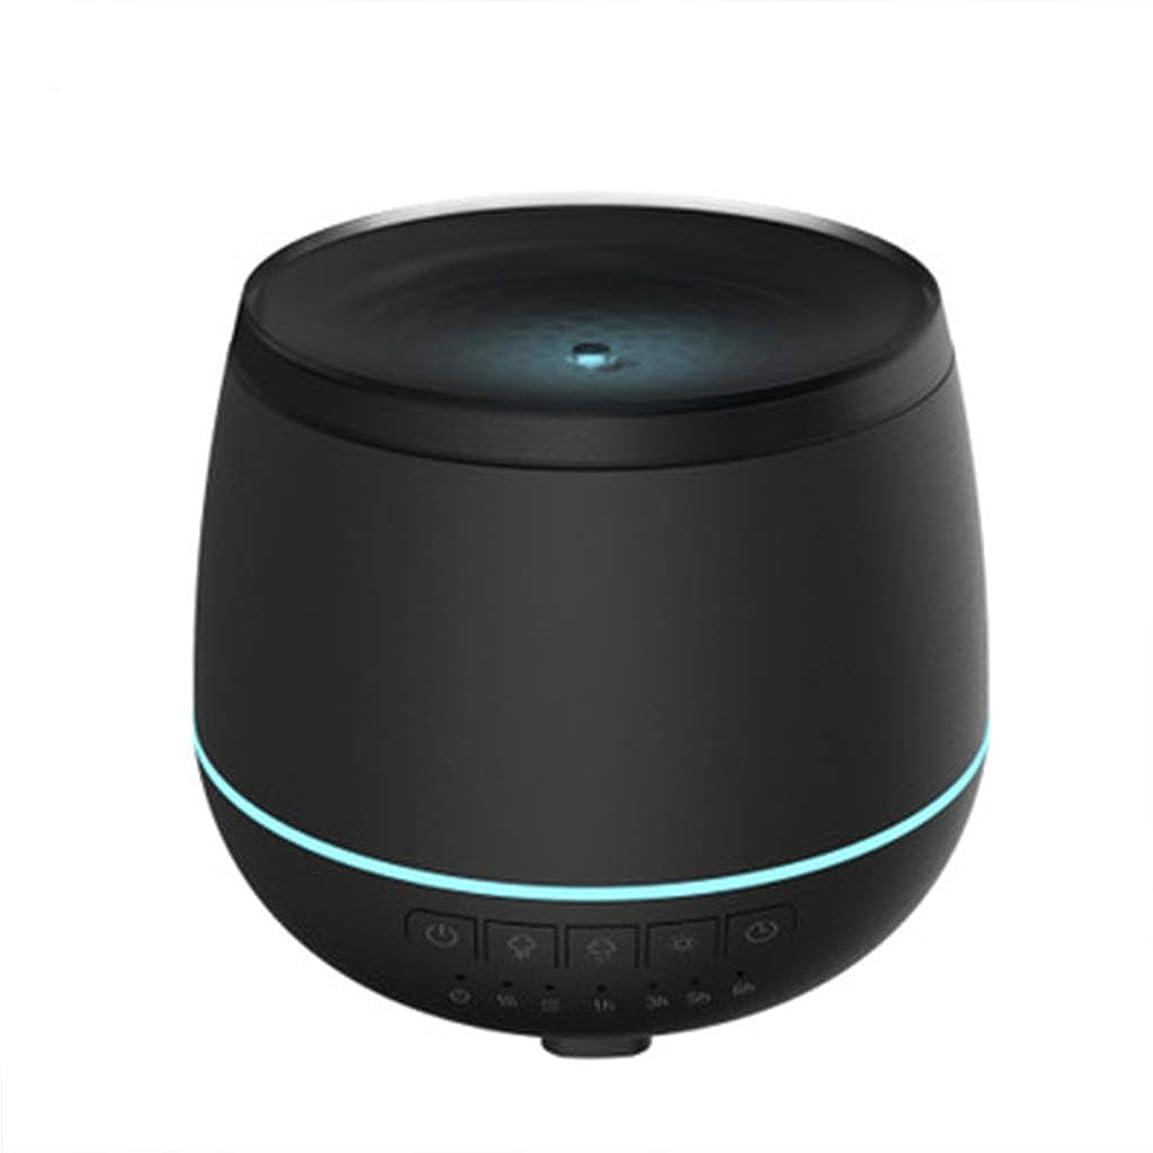 無駄にシェルター正確加湿器スマートブルートゥーススピーカーオーディオ超音波炉エッセンシャルオイルナイトライトミュートホームオフィス (Color : Black)